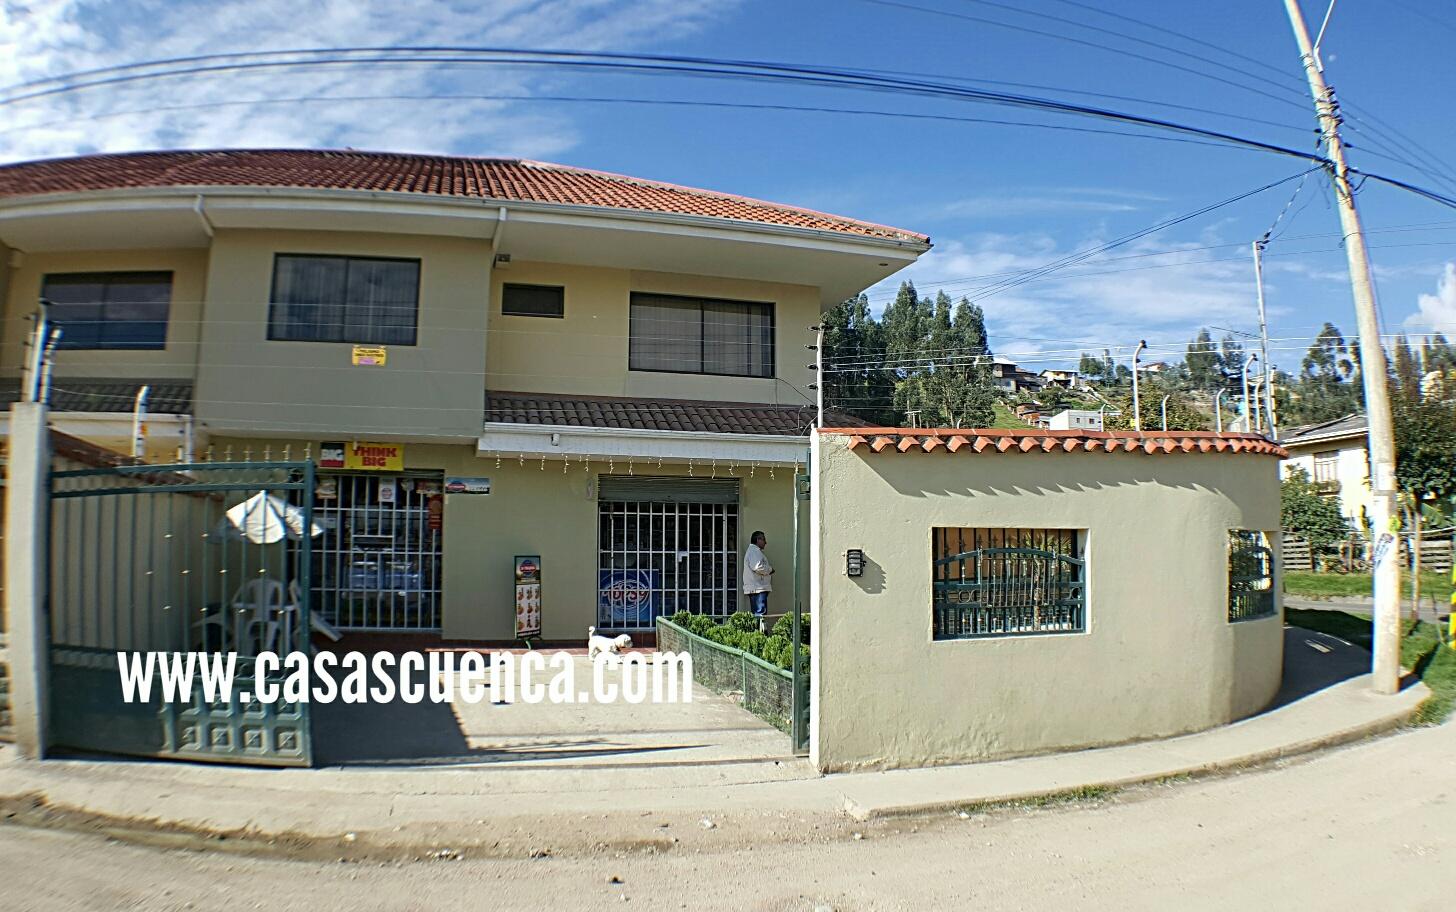 Casa Con Local Comercial Cuenca Misicata Casas Cuenca